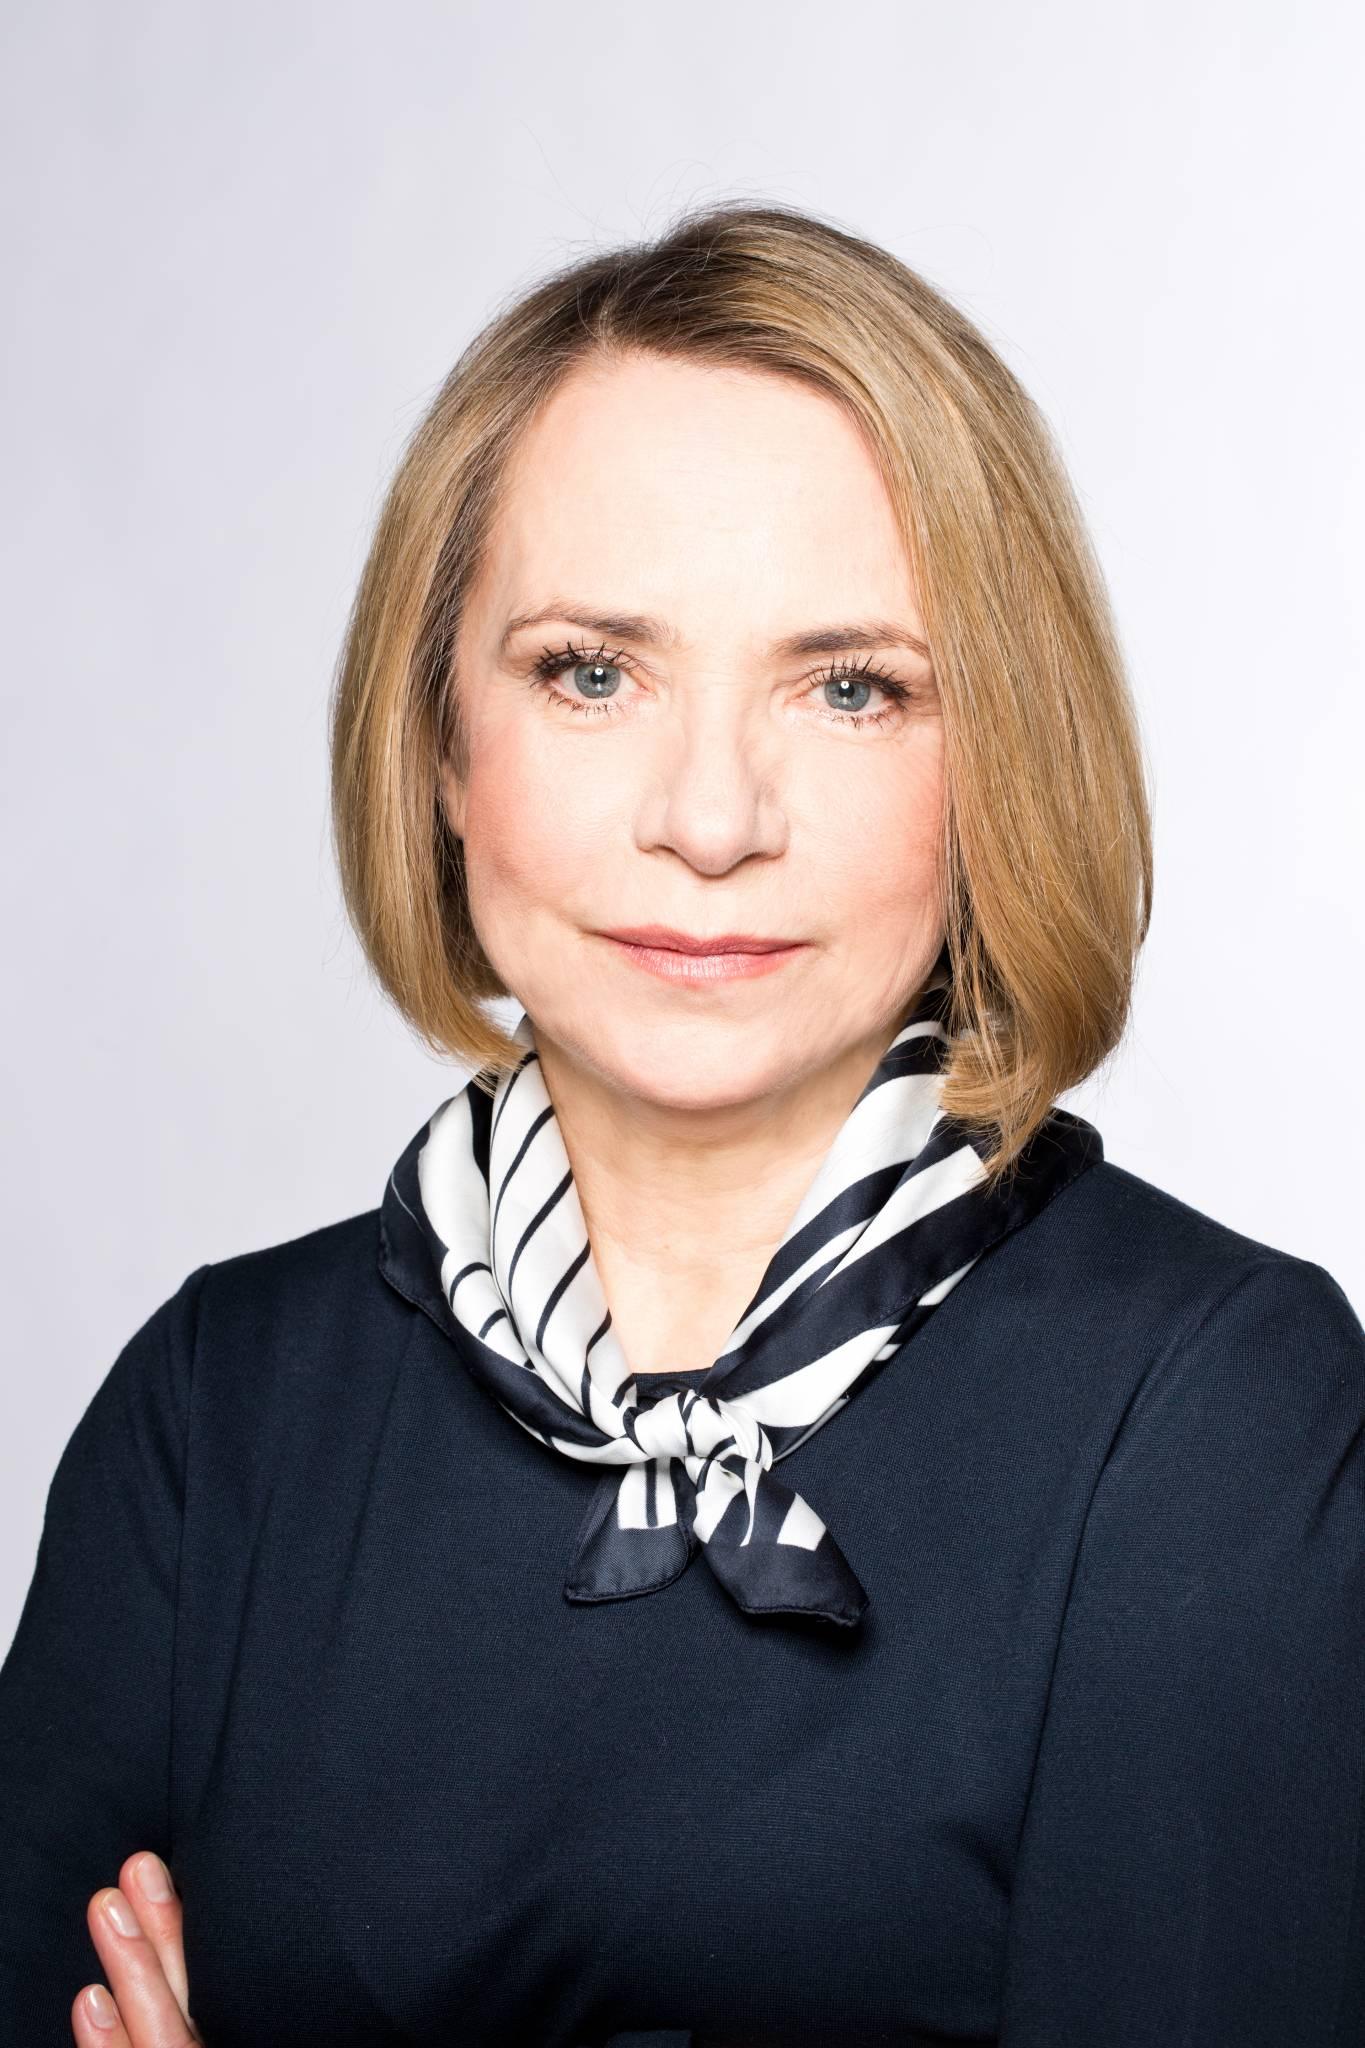 Alina Gutek